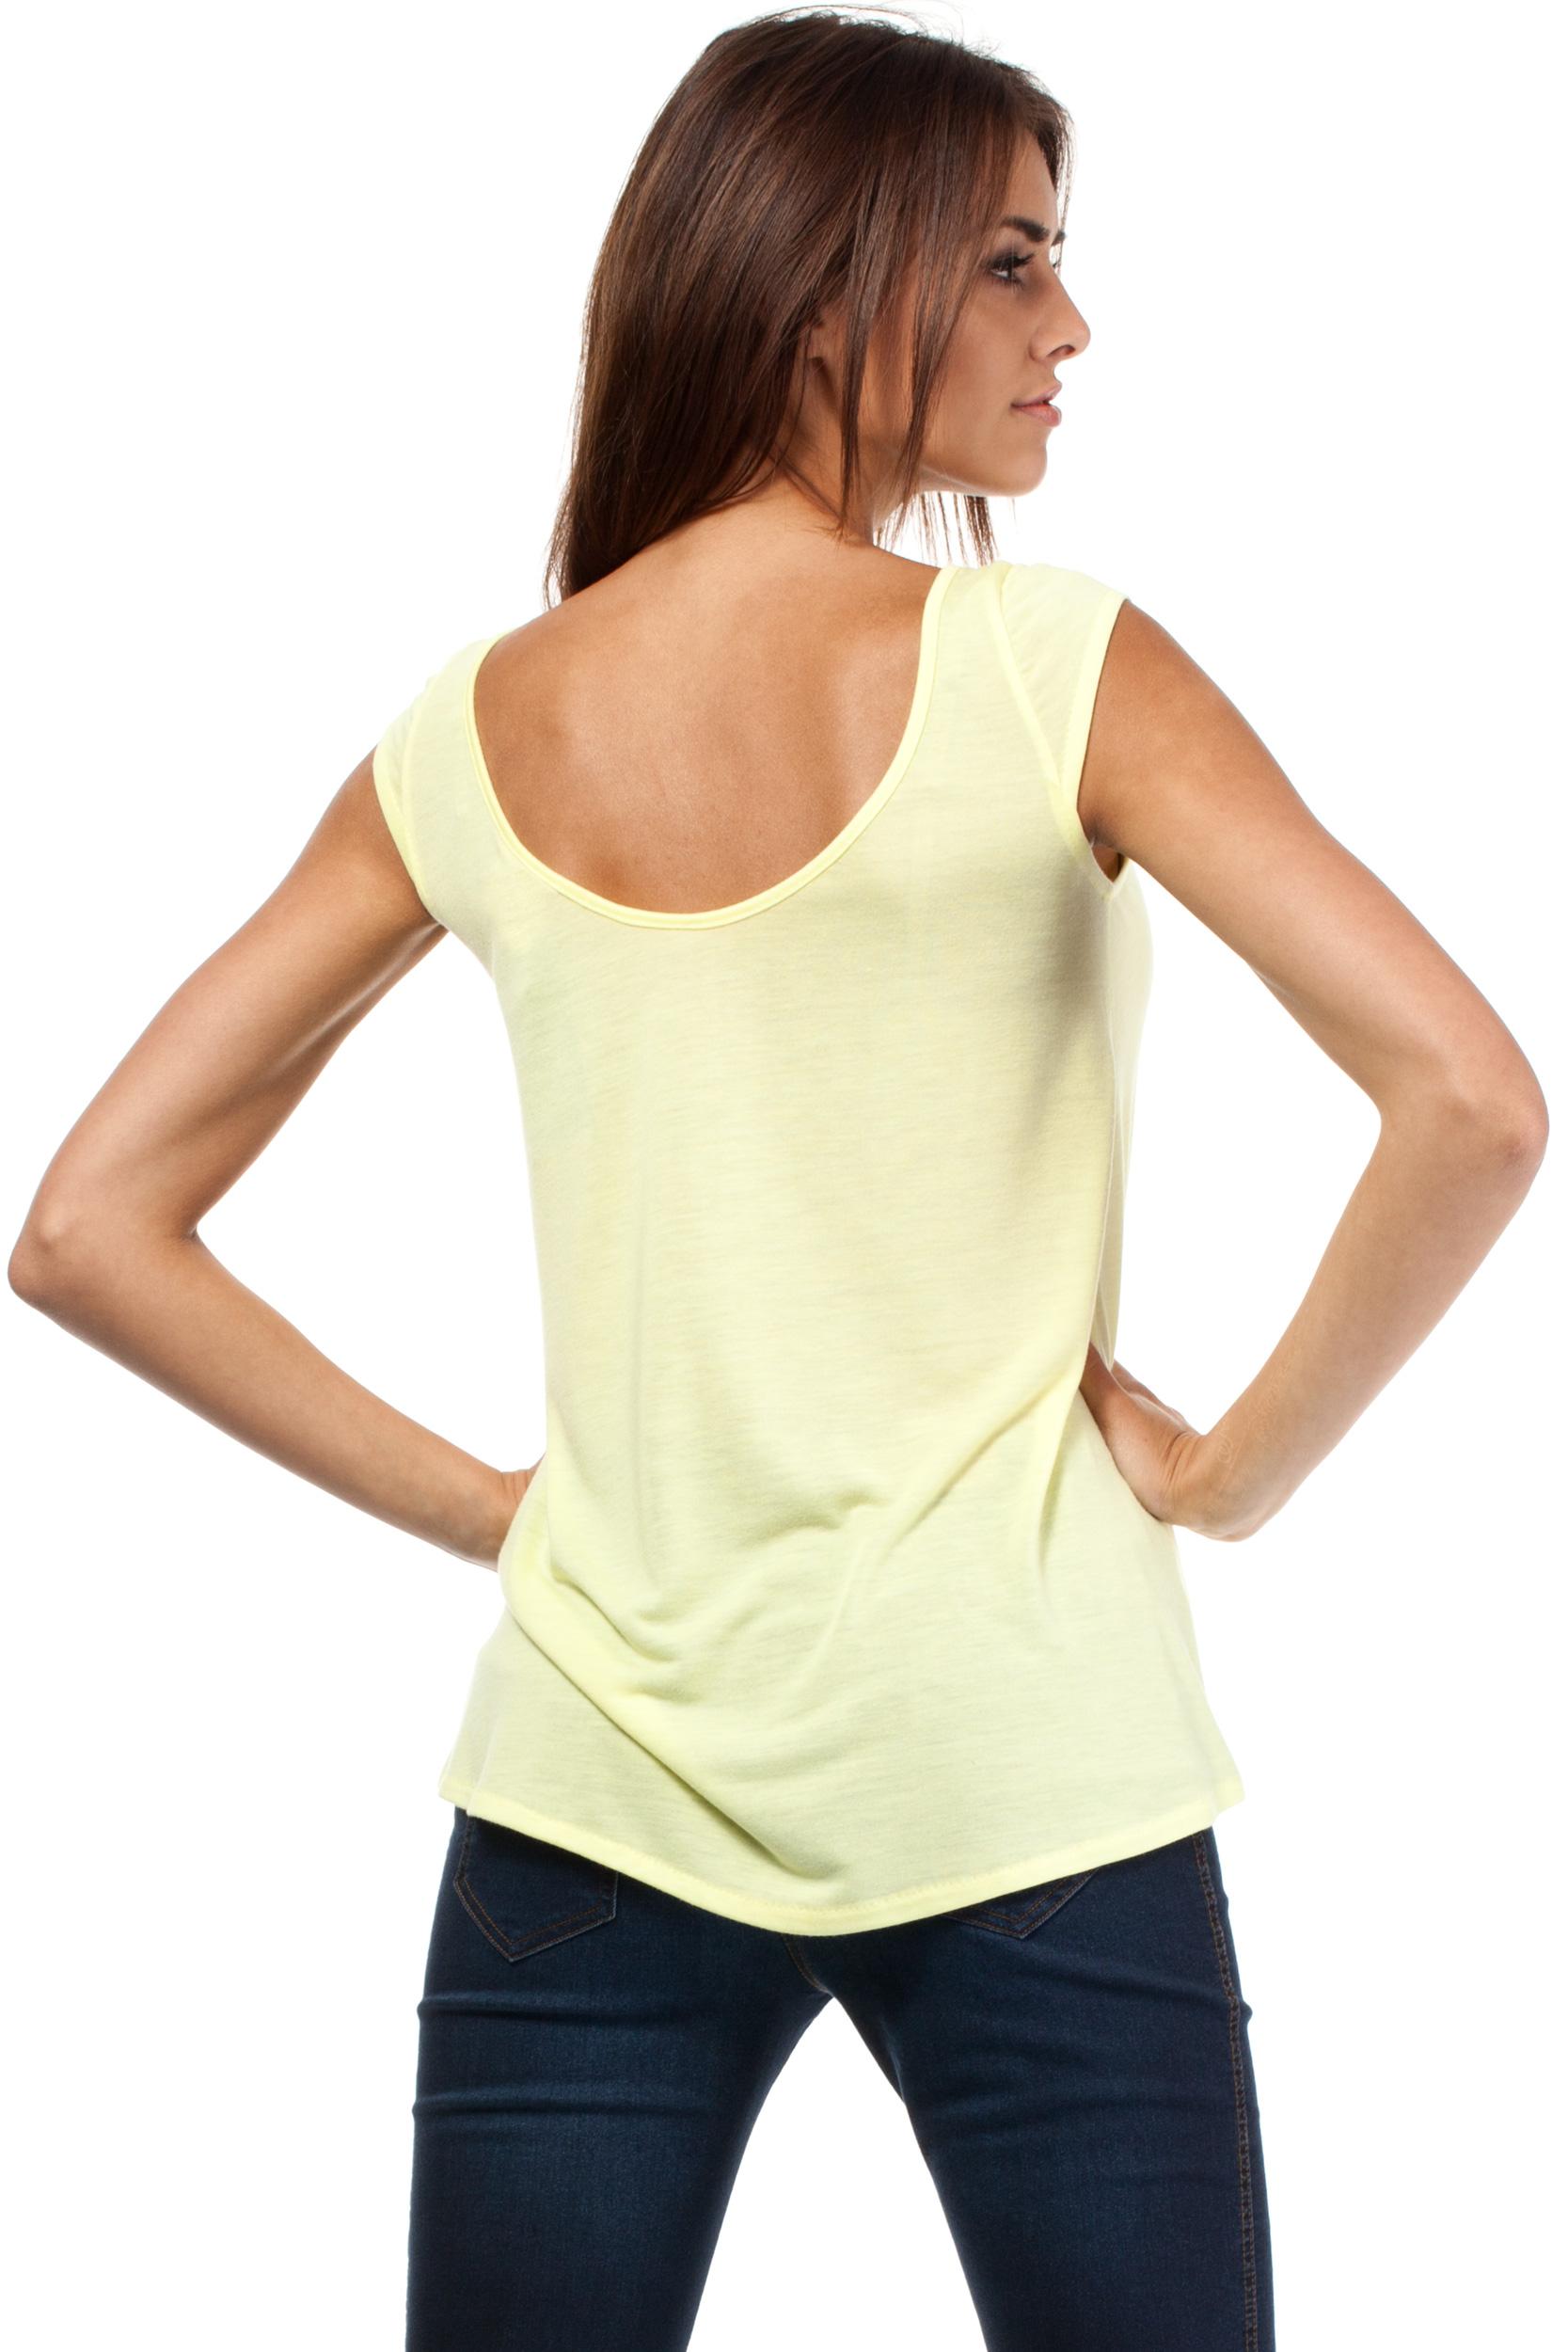 CM0785 Zwiewna bluzka damska z głębokim dekoltem z tyłu - żółta OUTLET